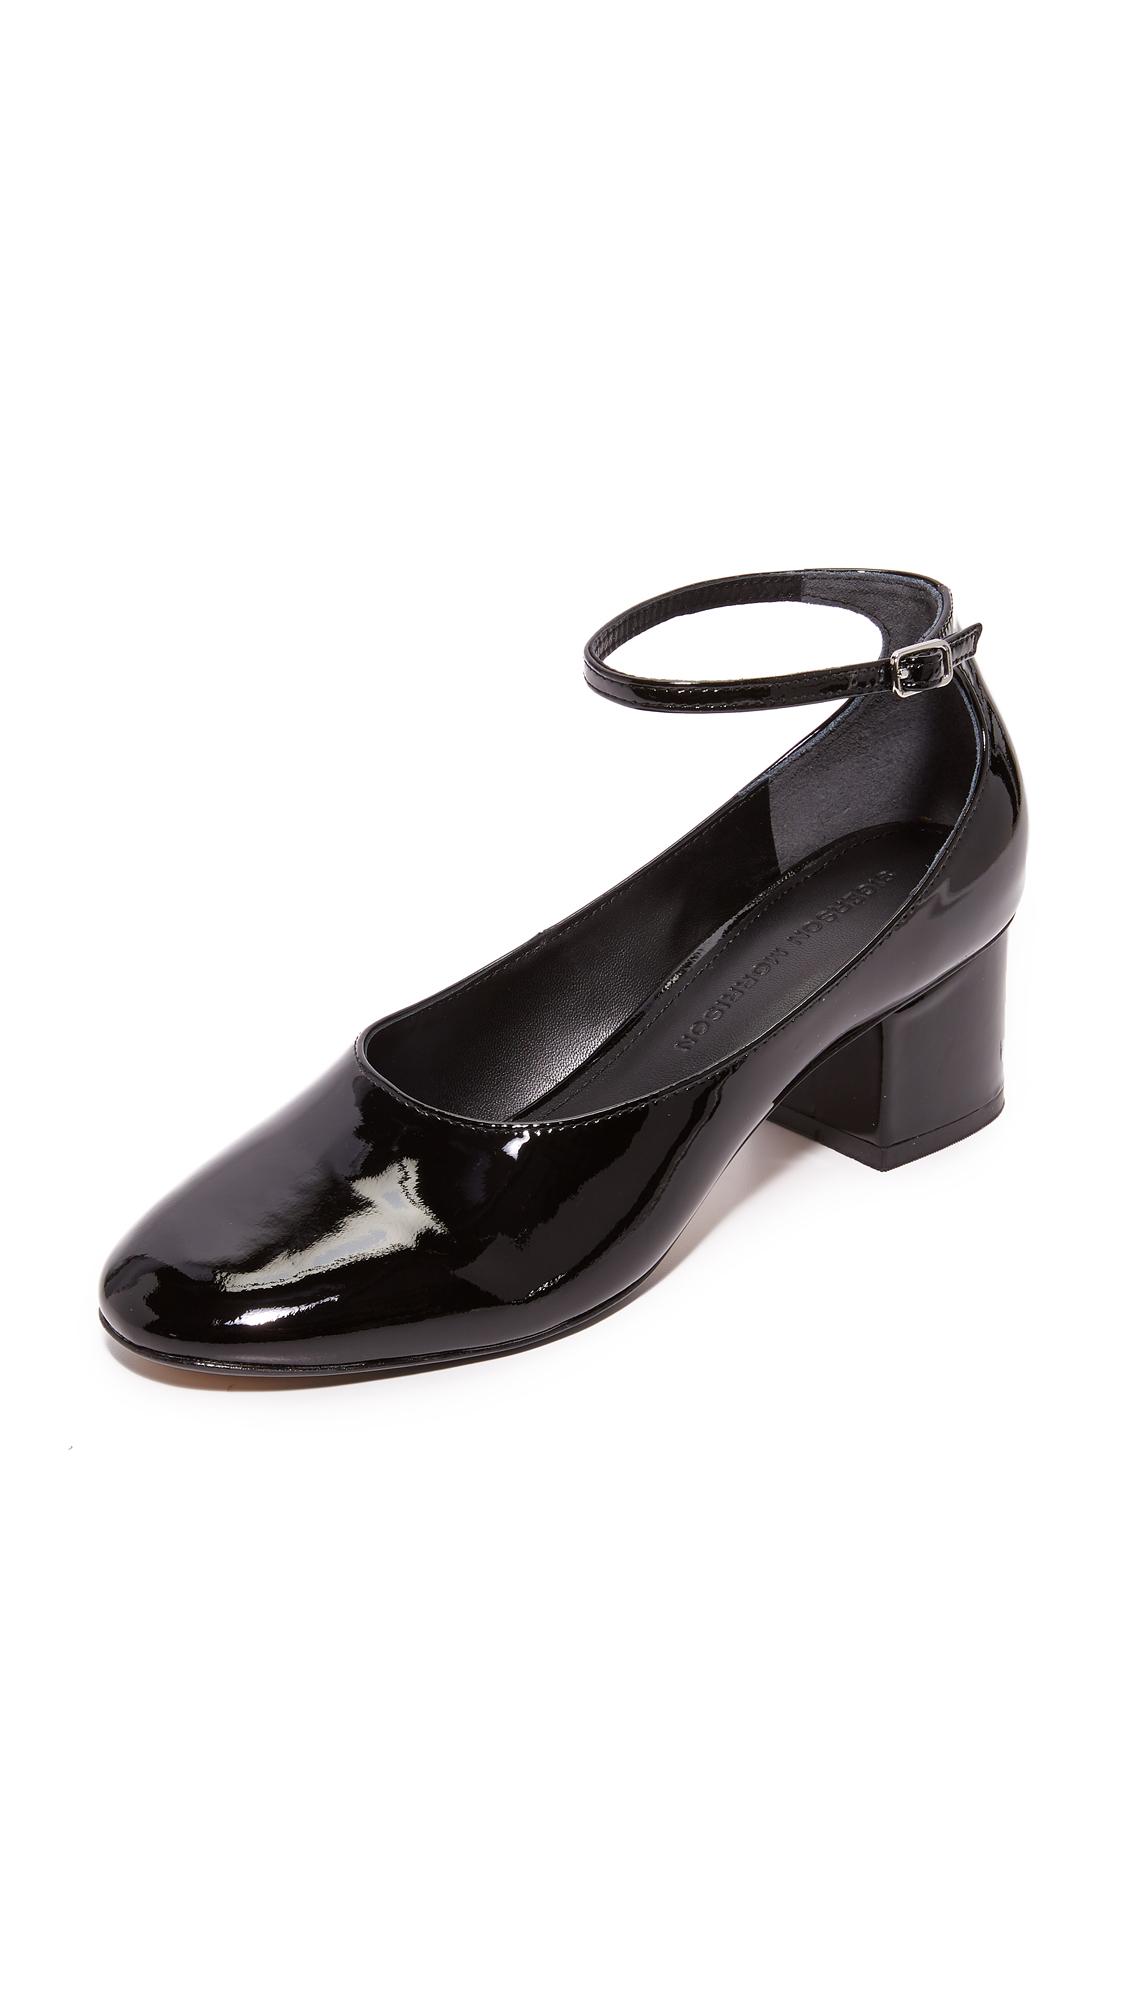 Sigerson Morrison Kairos Ankle Strap Pumps - Black